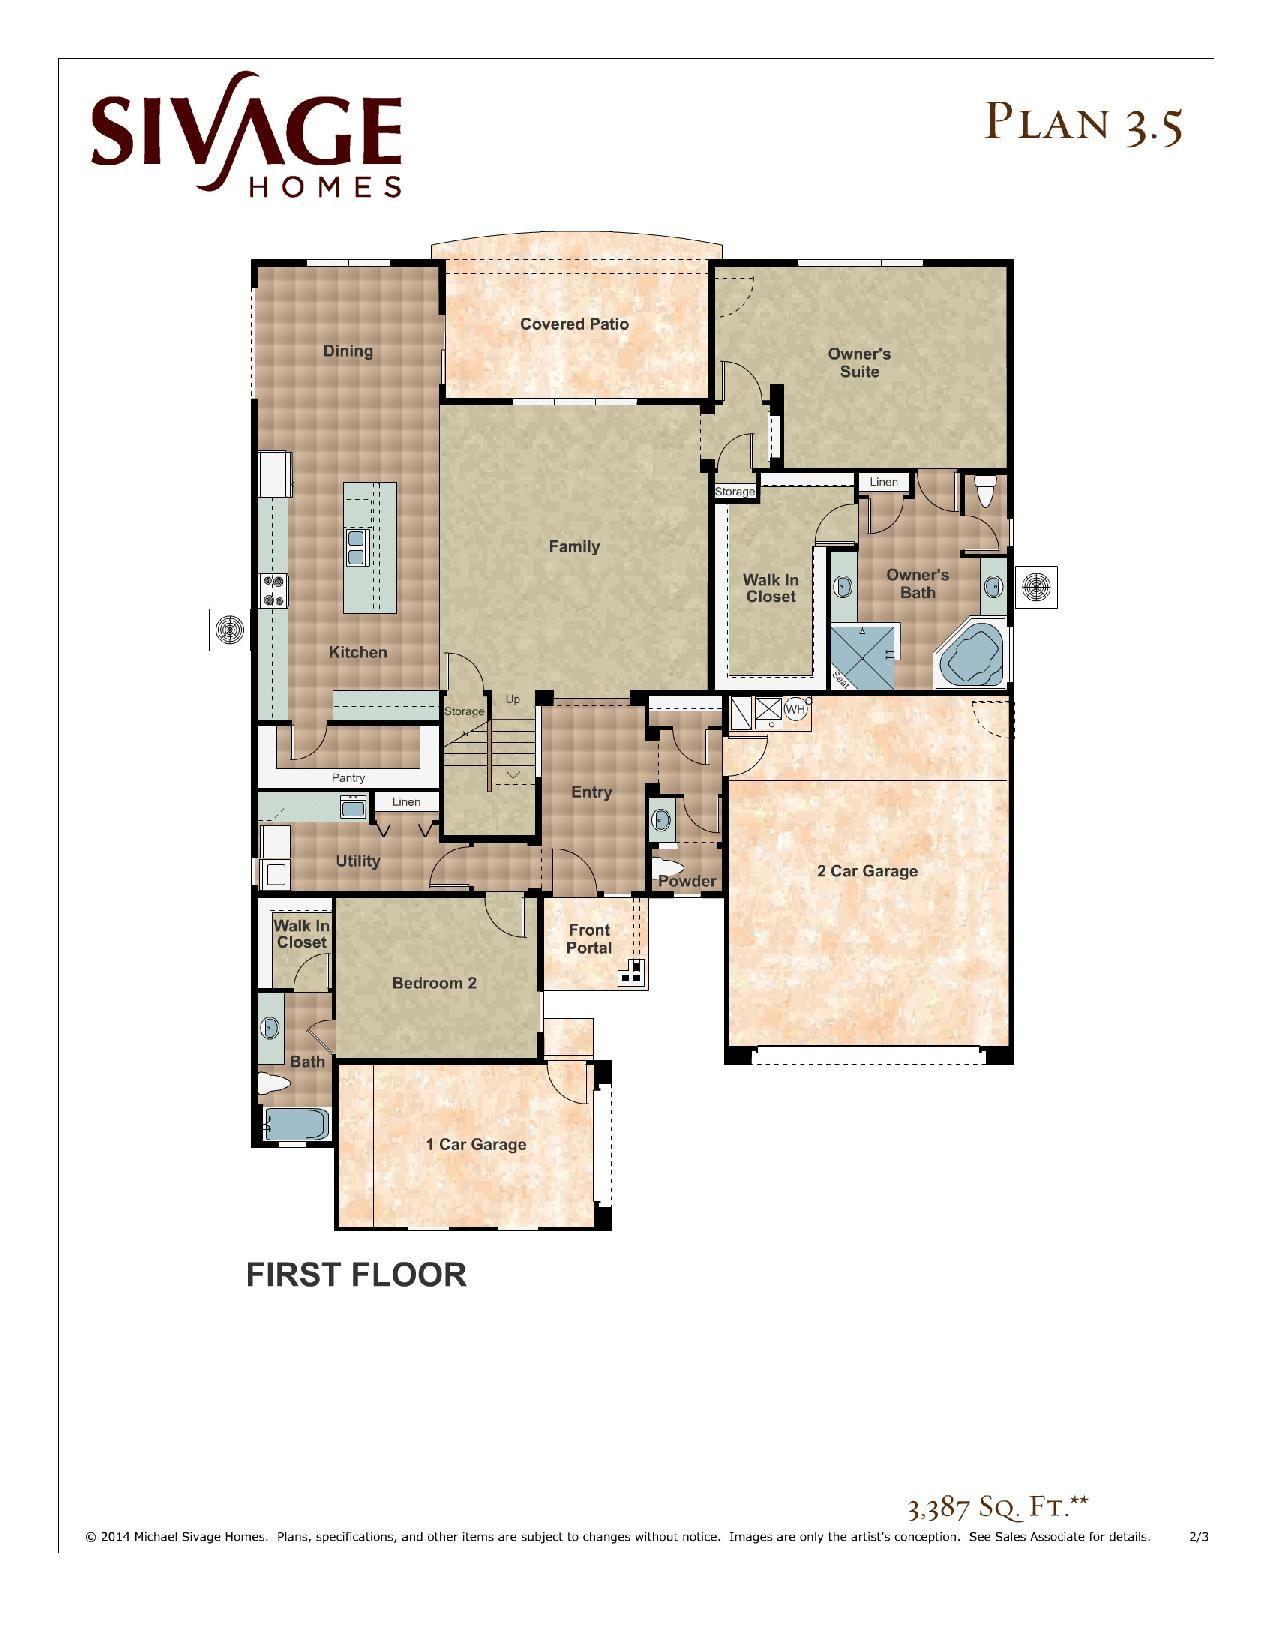 Sivage 3.5 floor plan